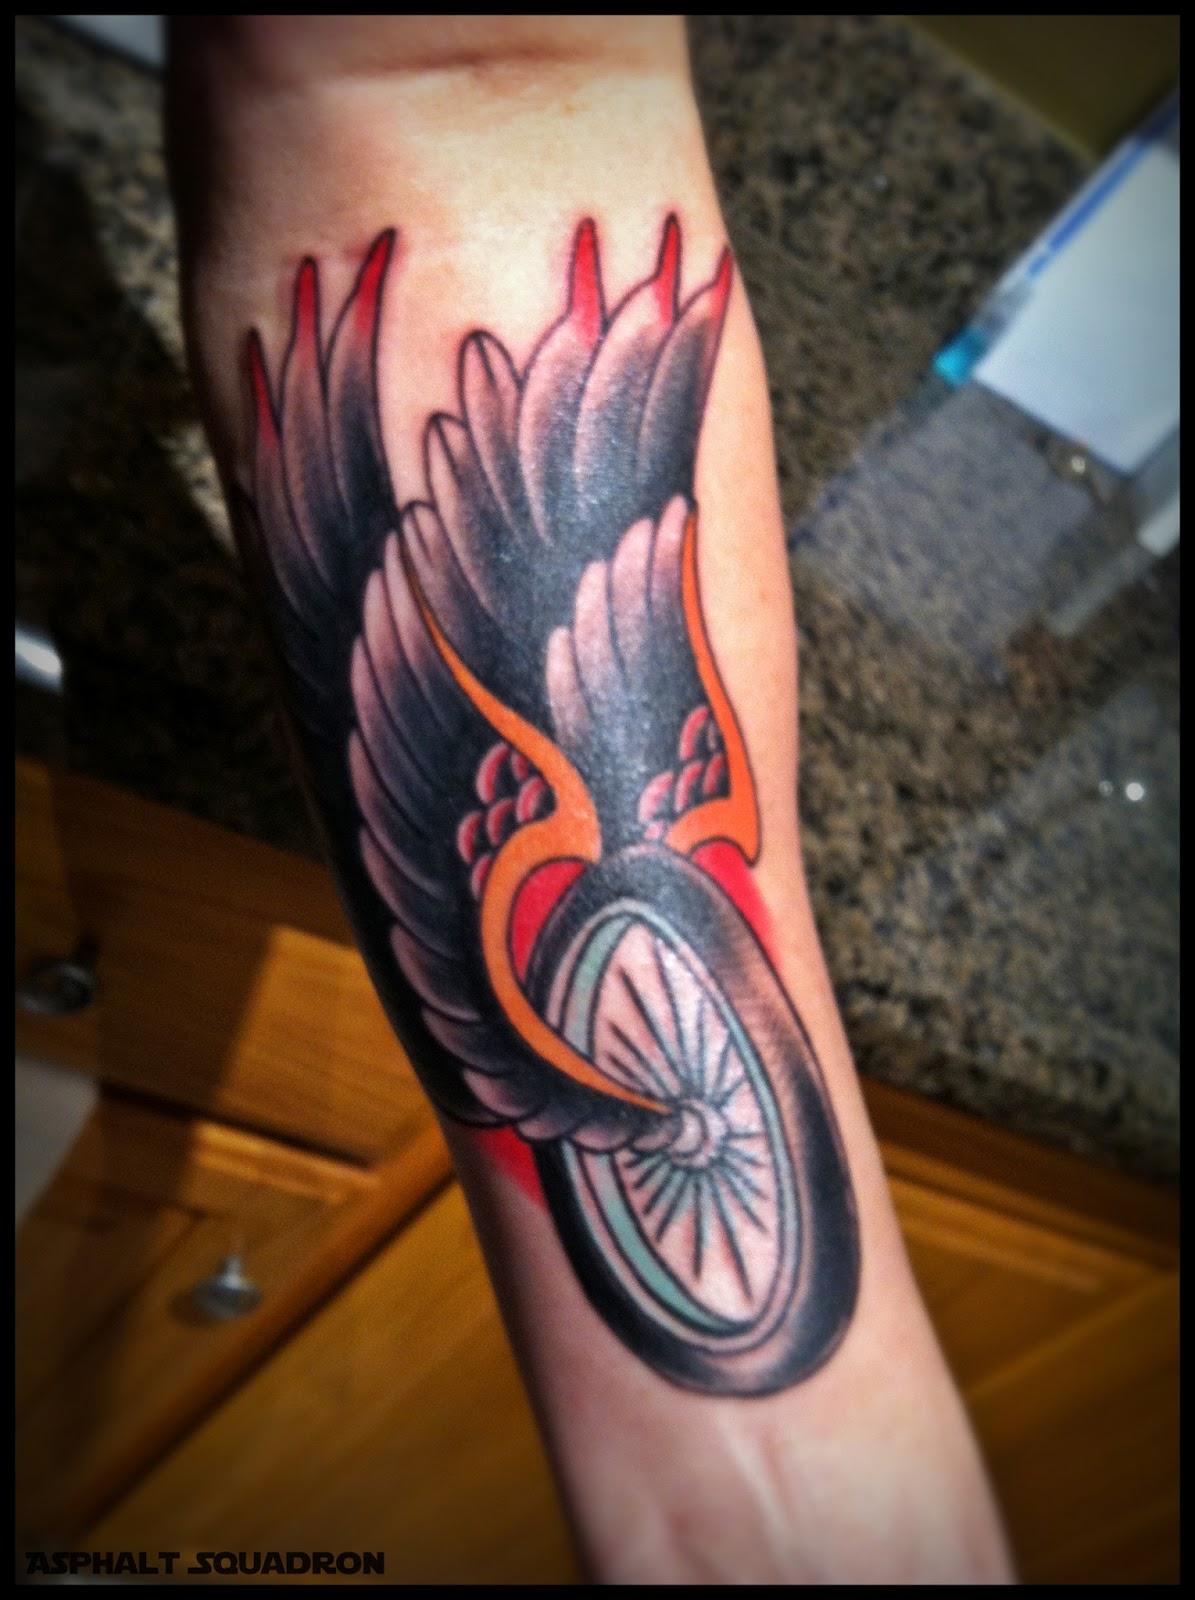 Asphalt squadron scumbag scott at 6th street tattoo for South street tattoo